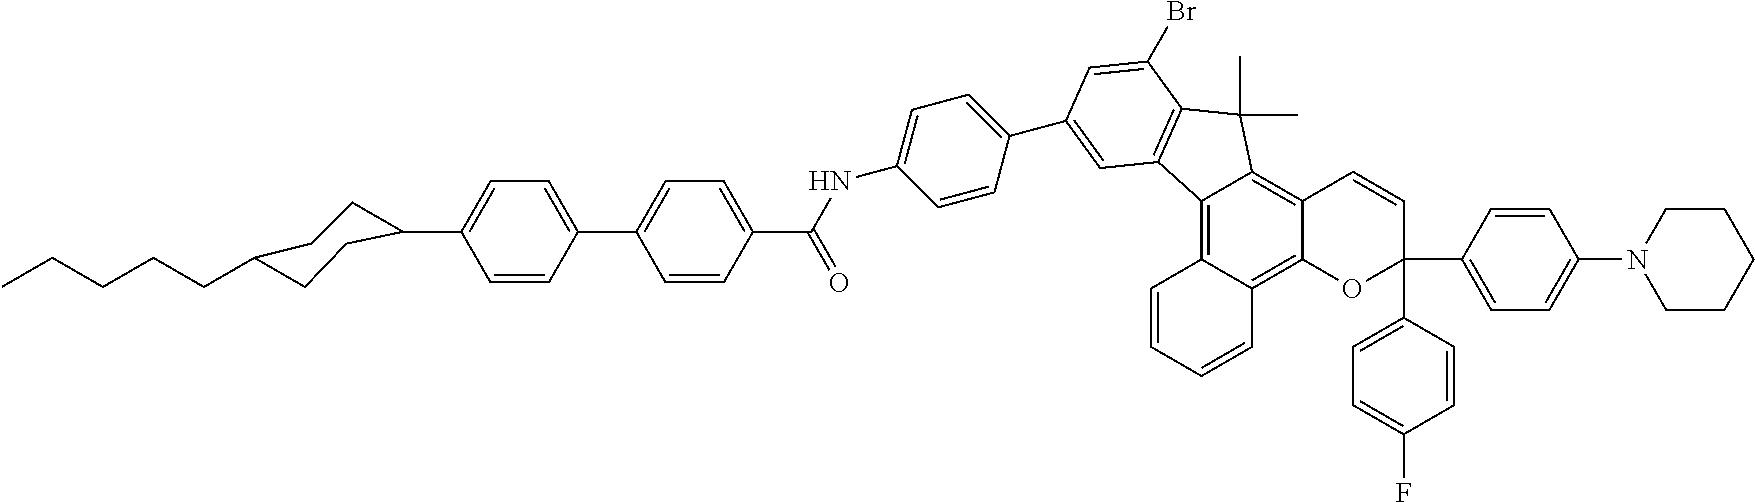 Figure US08545984-20131001-C00022